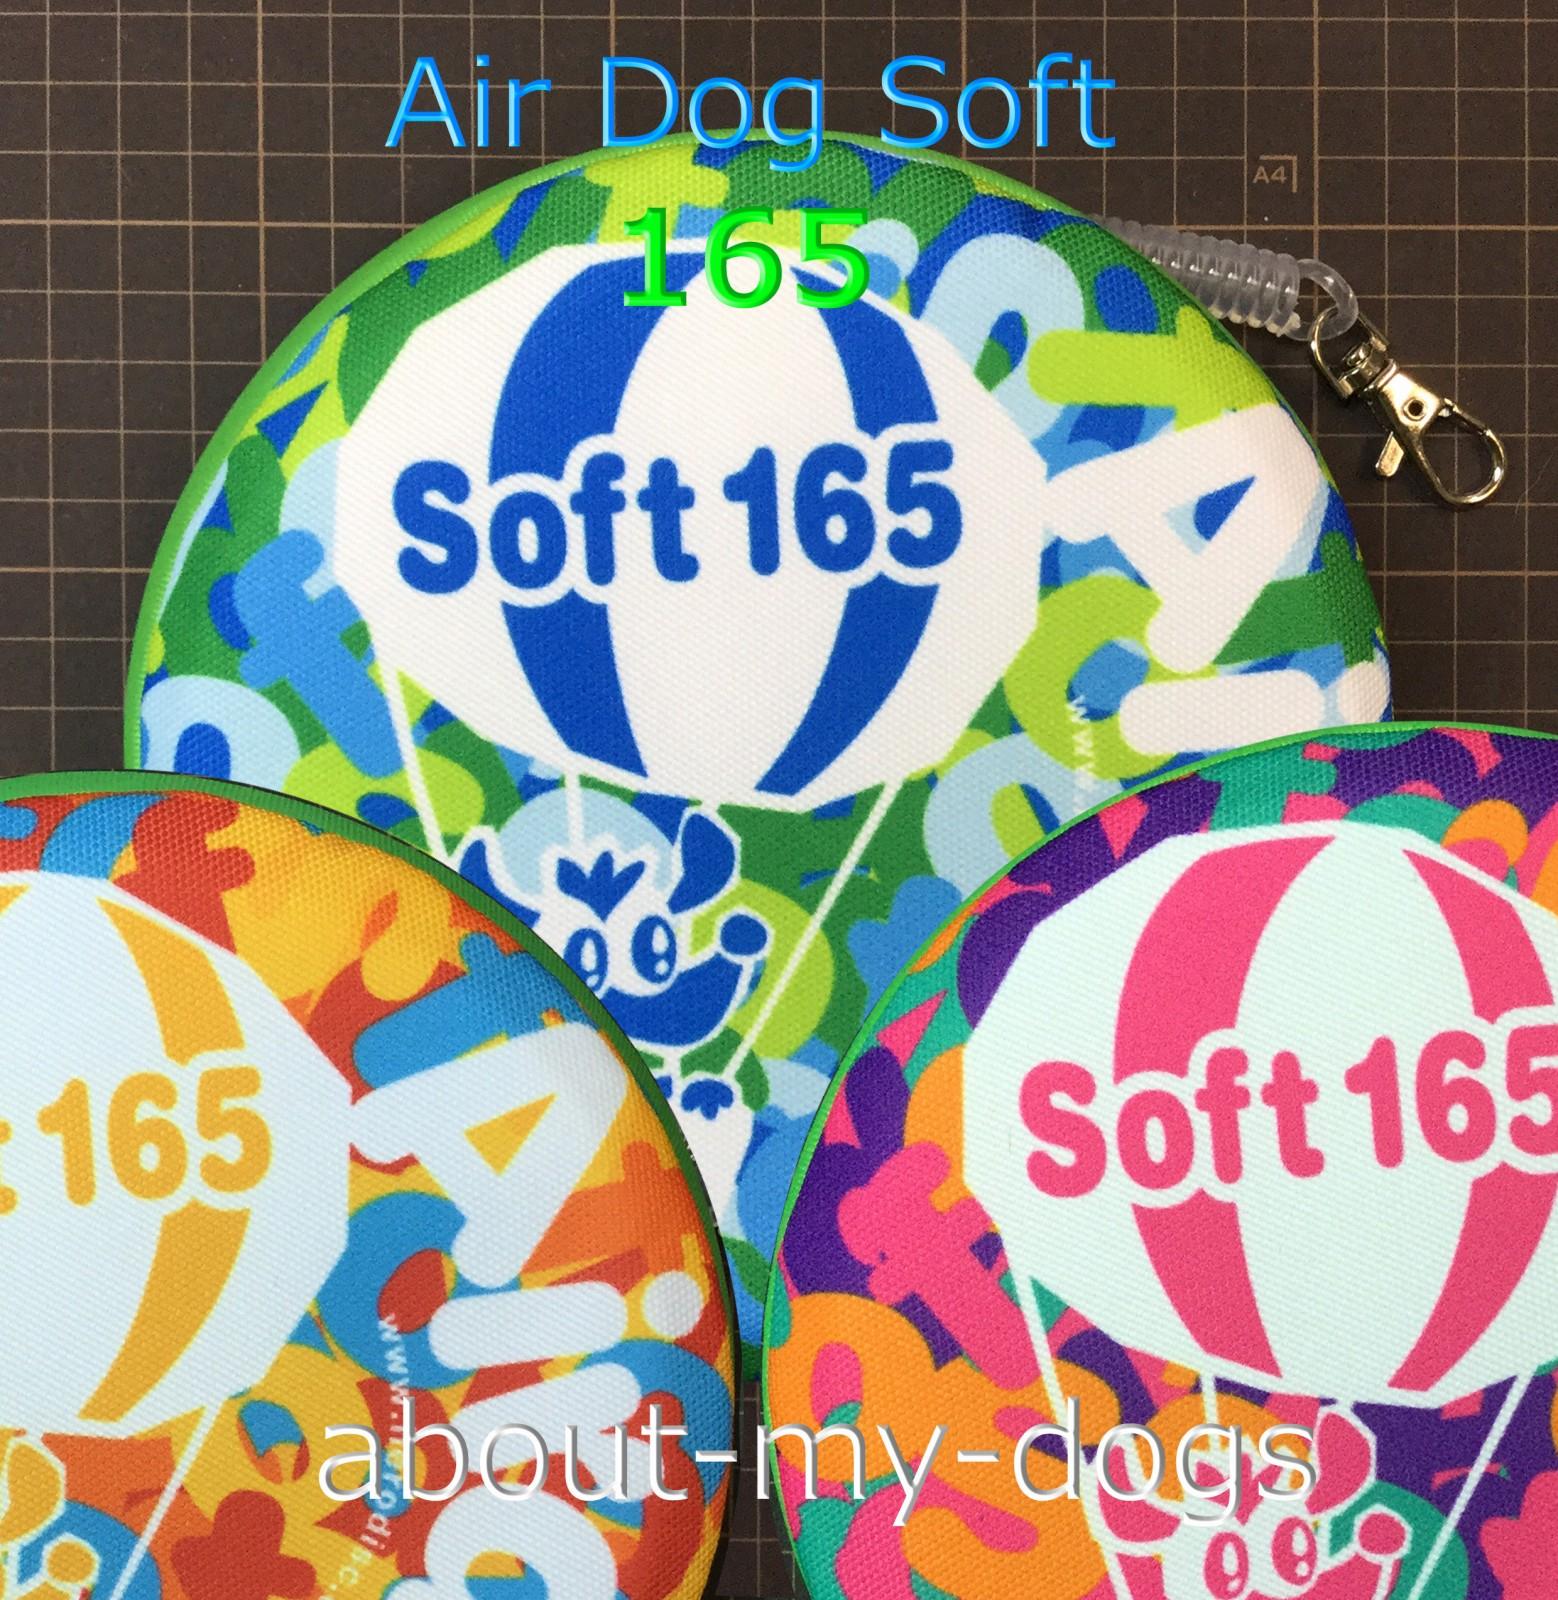 Airdog Soft165 トロピカル柄